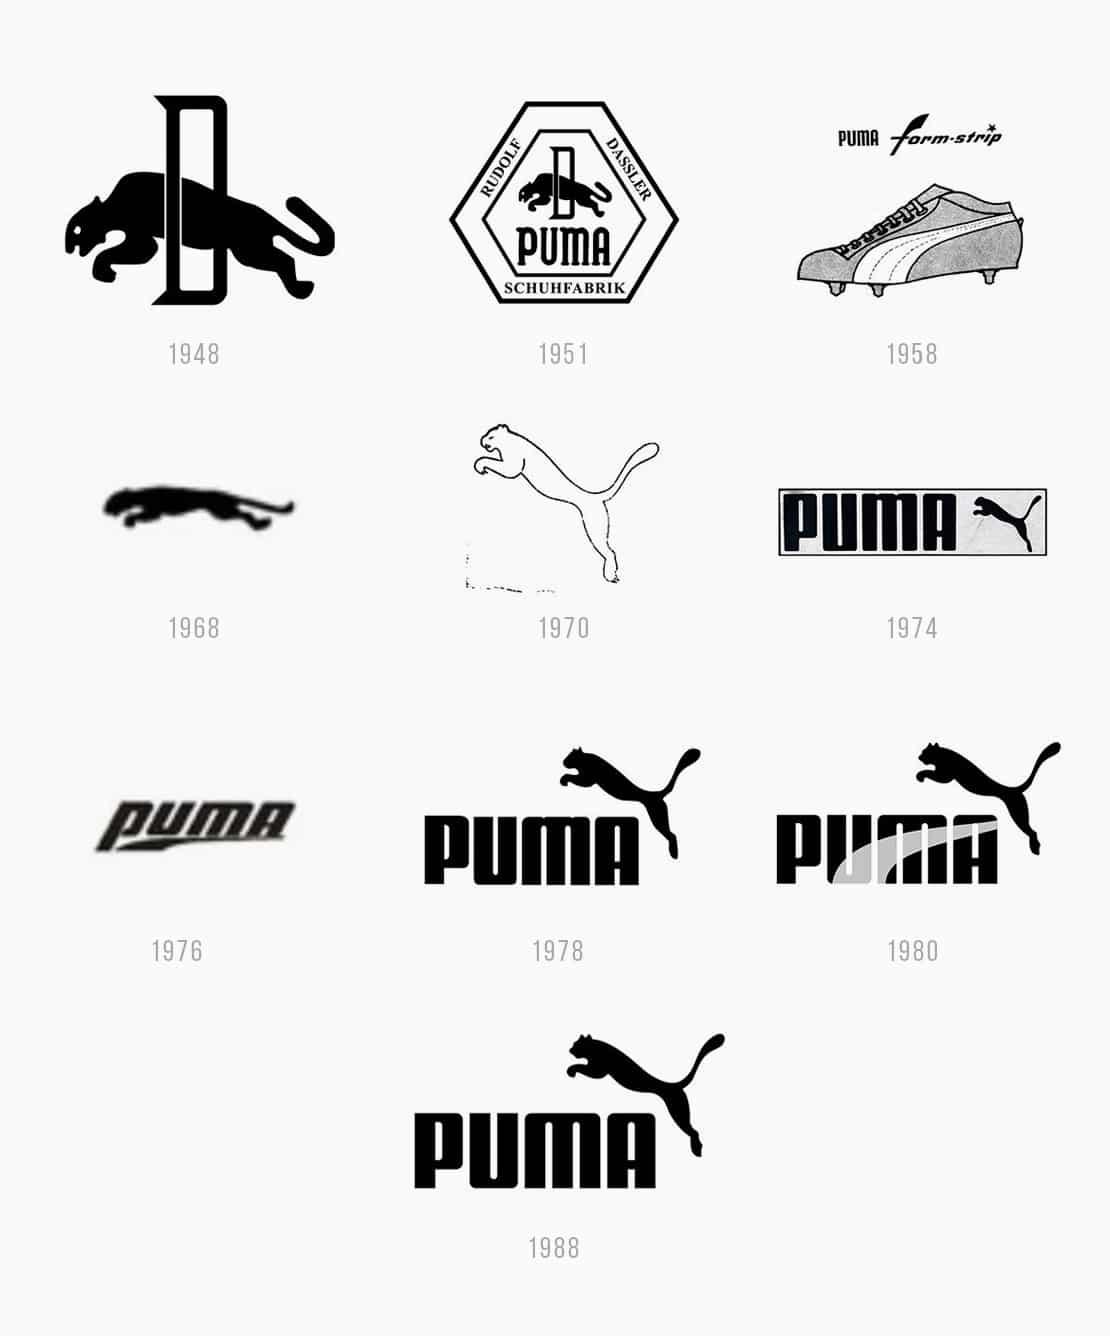 Puma logo evolution